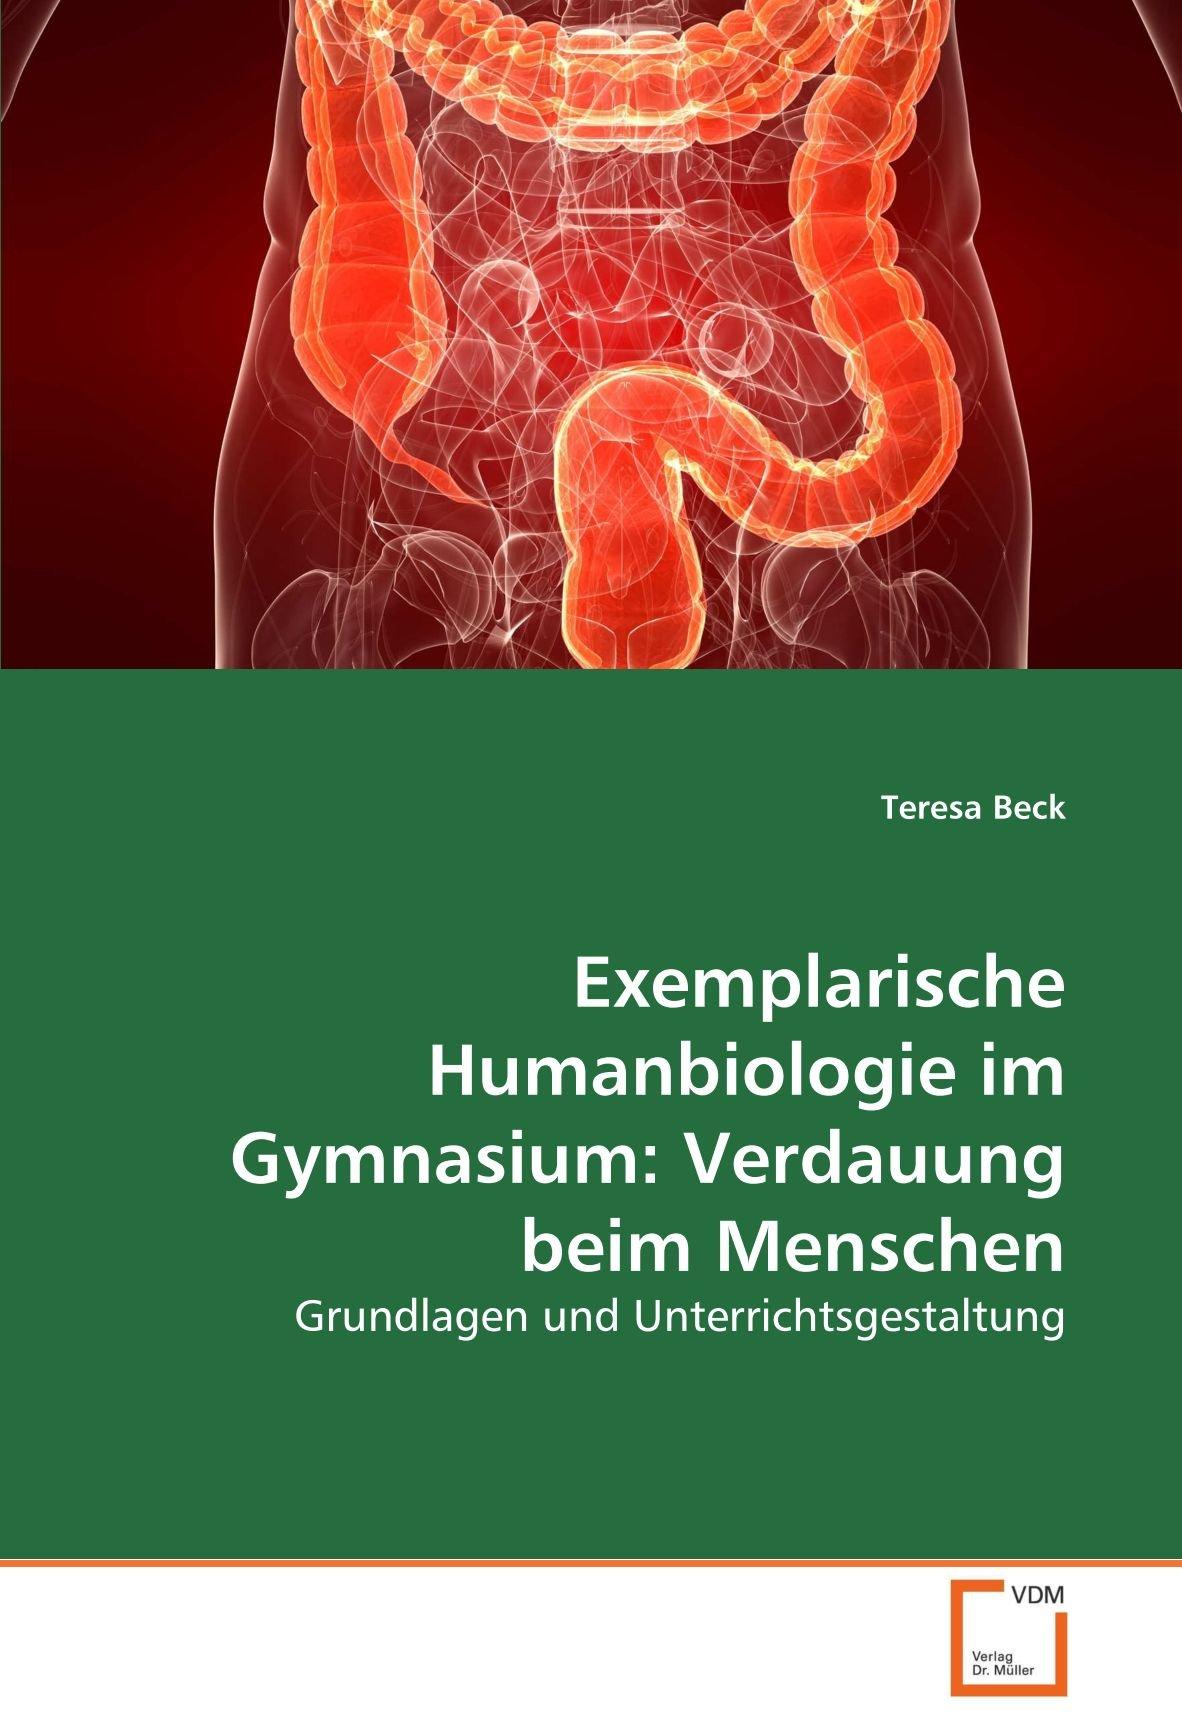 Exemplarische Humanbiologie im Gymnasium: Verdauung beim Menschen ...